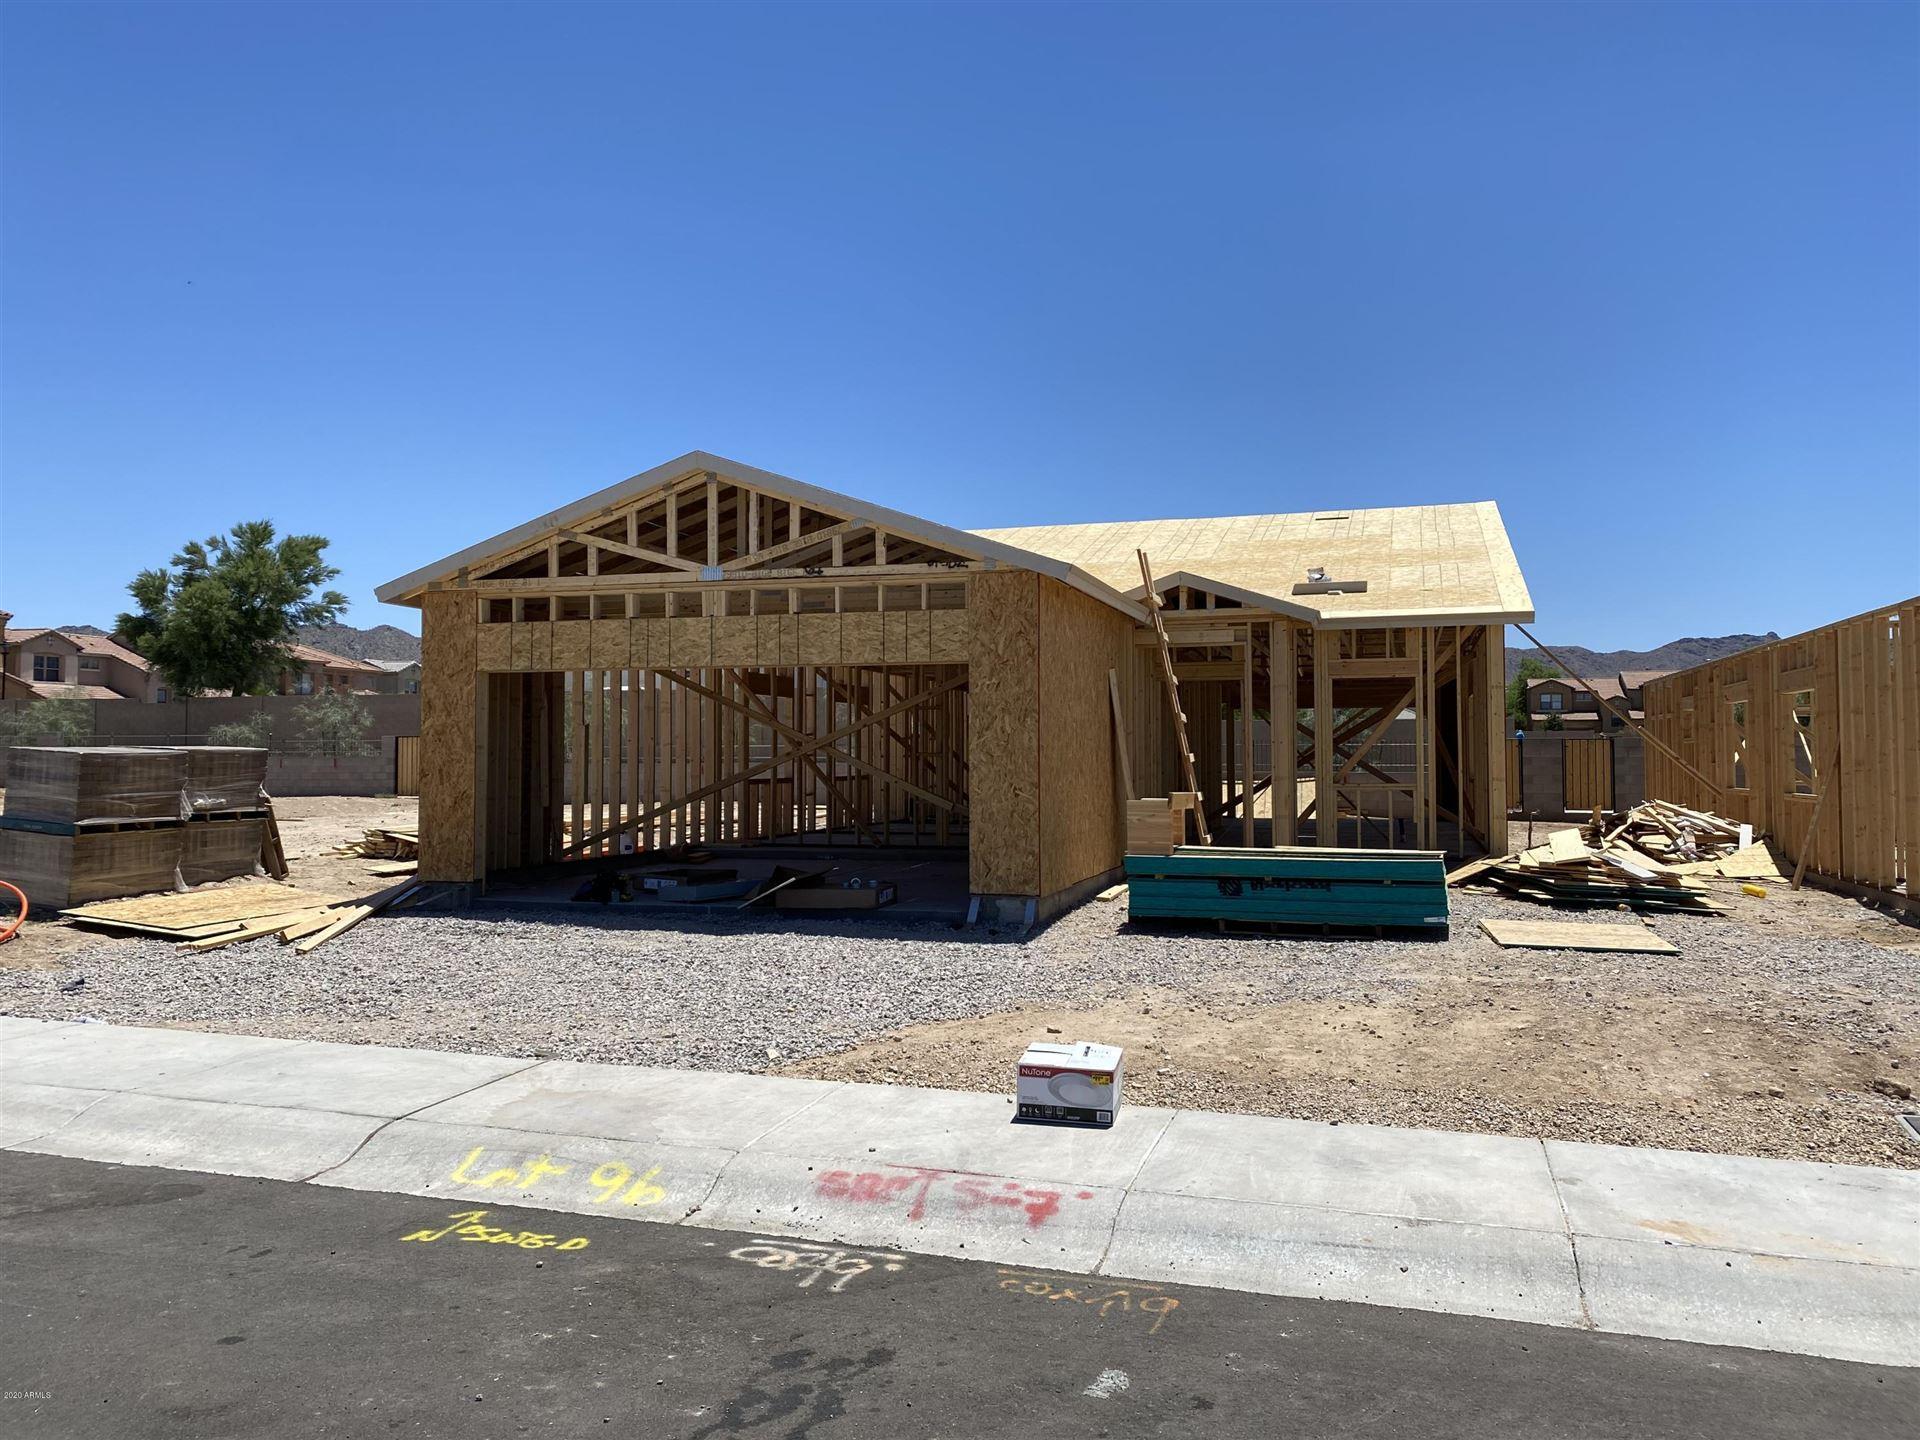 611 W HARWELL Road, Phoenix, AZ 85041 - MLS#: 6073318